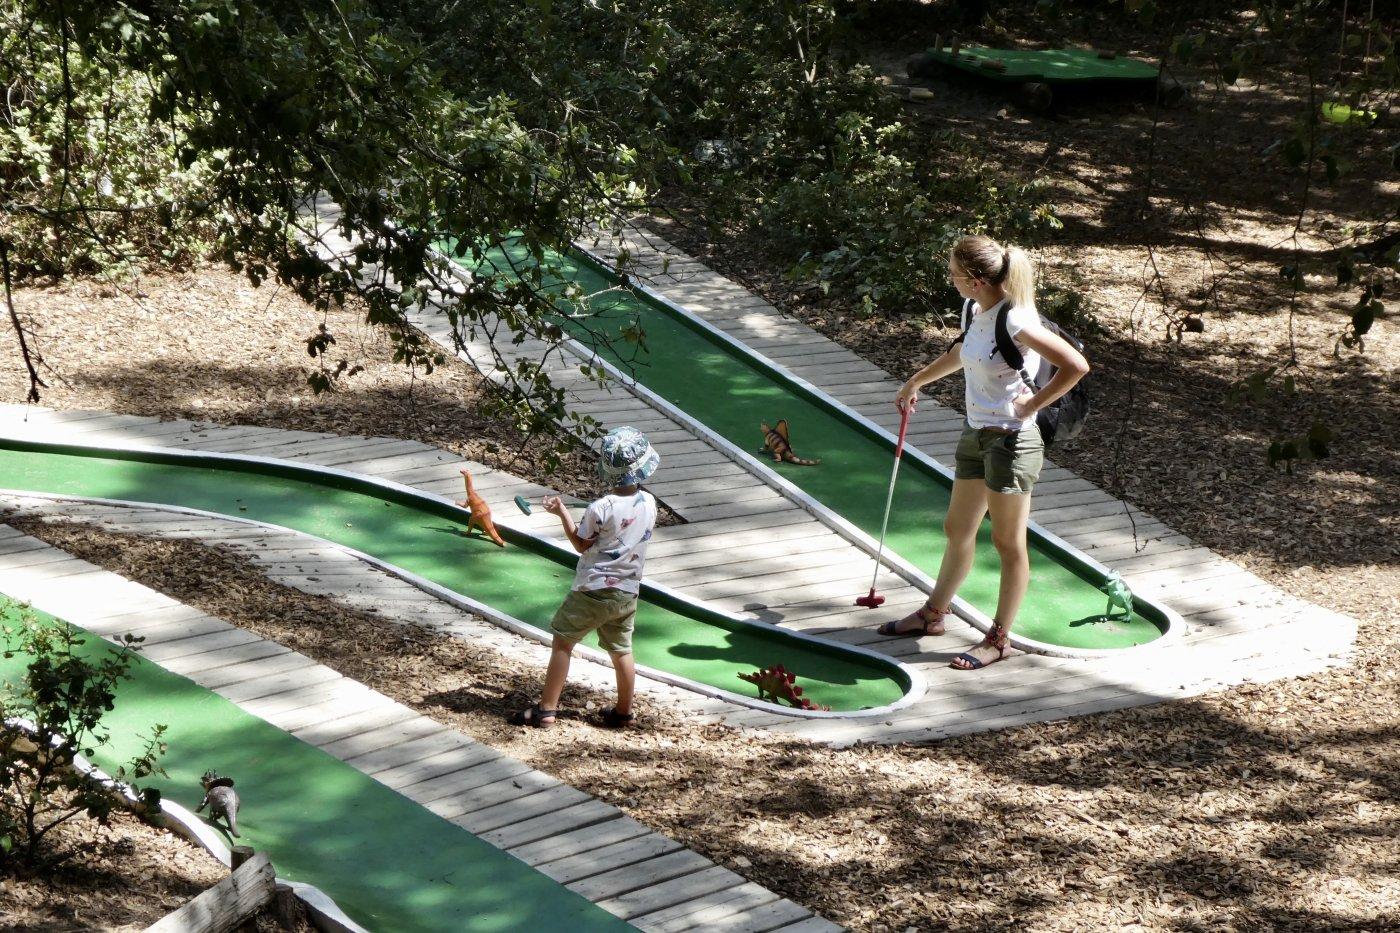 sejours-loisirs-west-aventure-dino-s-park-a-saint-hilaire-de-riez